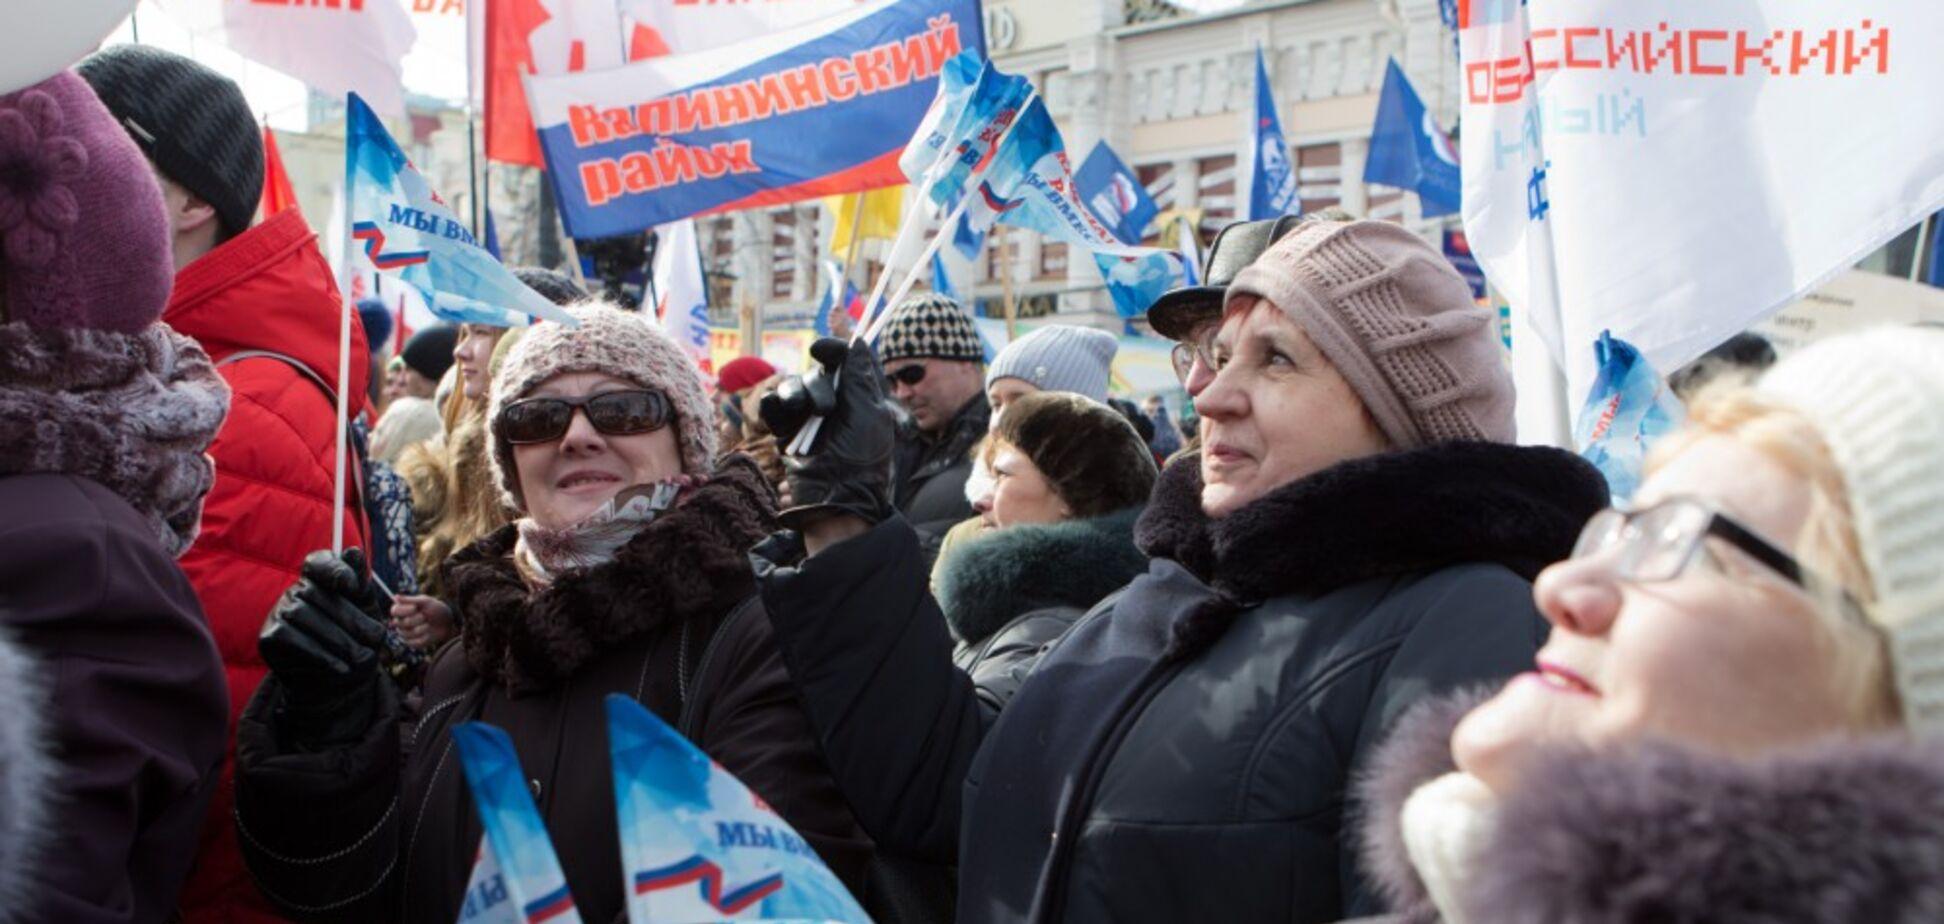 Хмурого россиянина в Крыму легко отличить от улыбчивого украинца